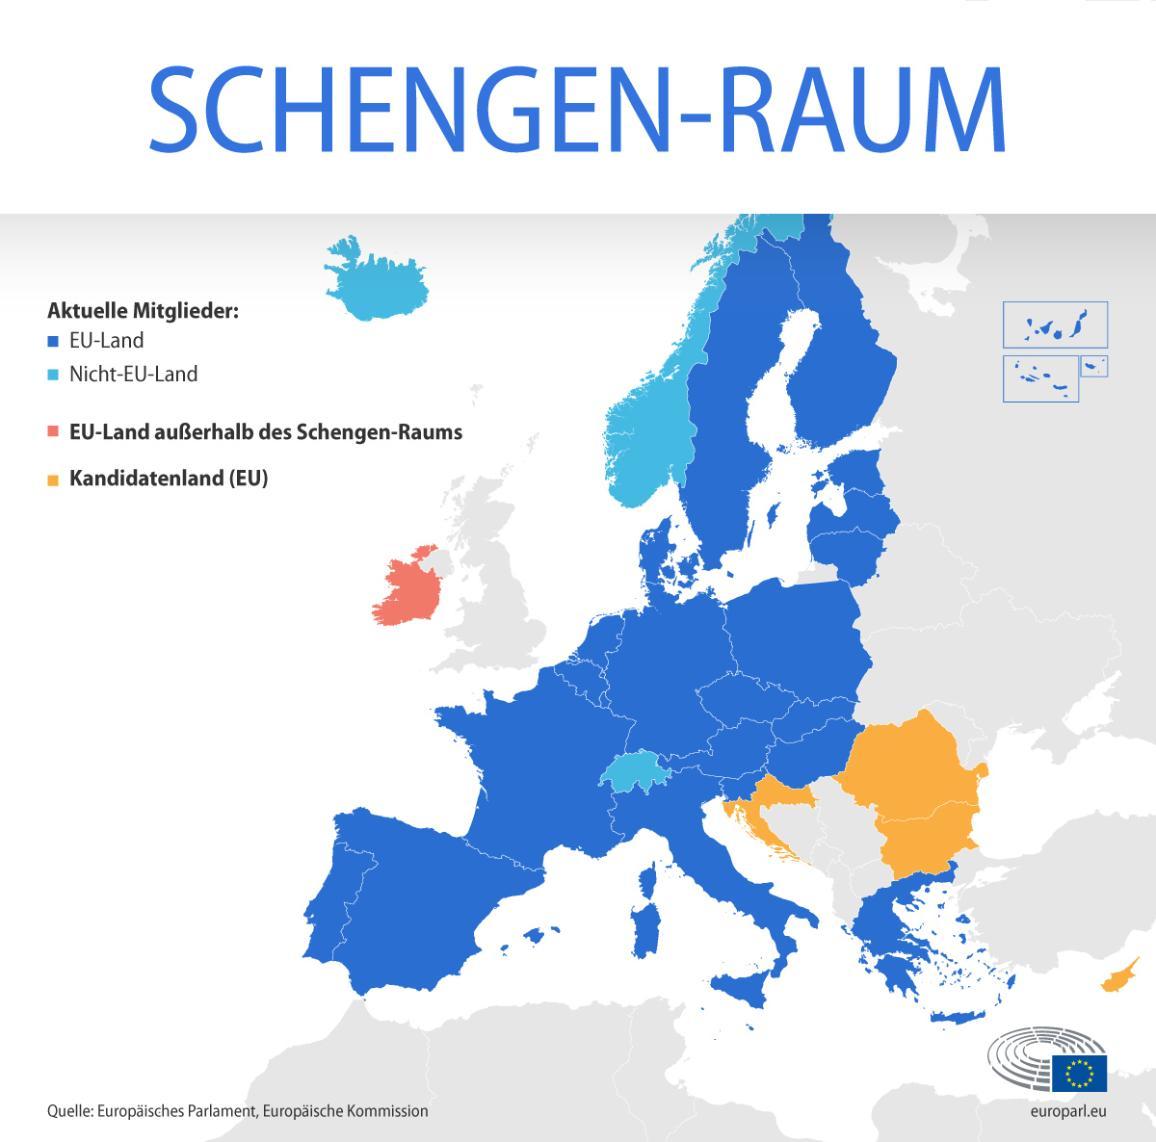 Die Karte zum Schengenraum zeigt EU-Länder und Nicht-EU-Länder, Kandidatenländer und Länder ausserhalb des Schengenraums